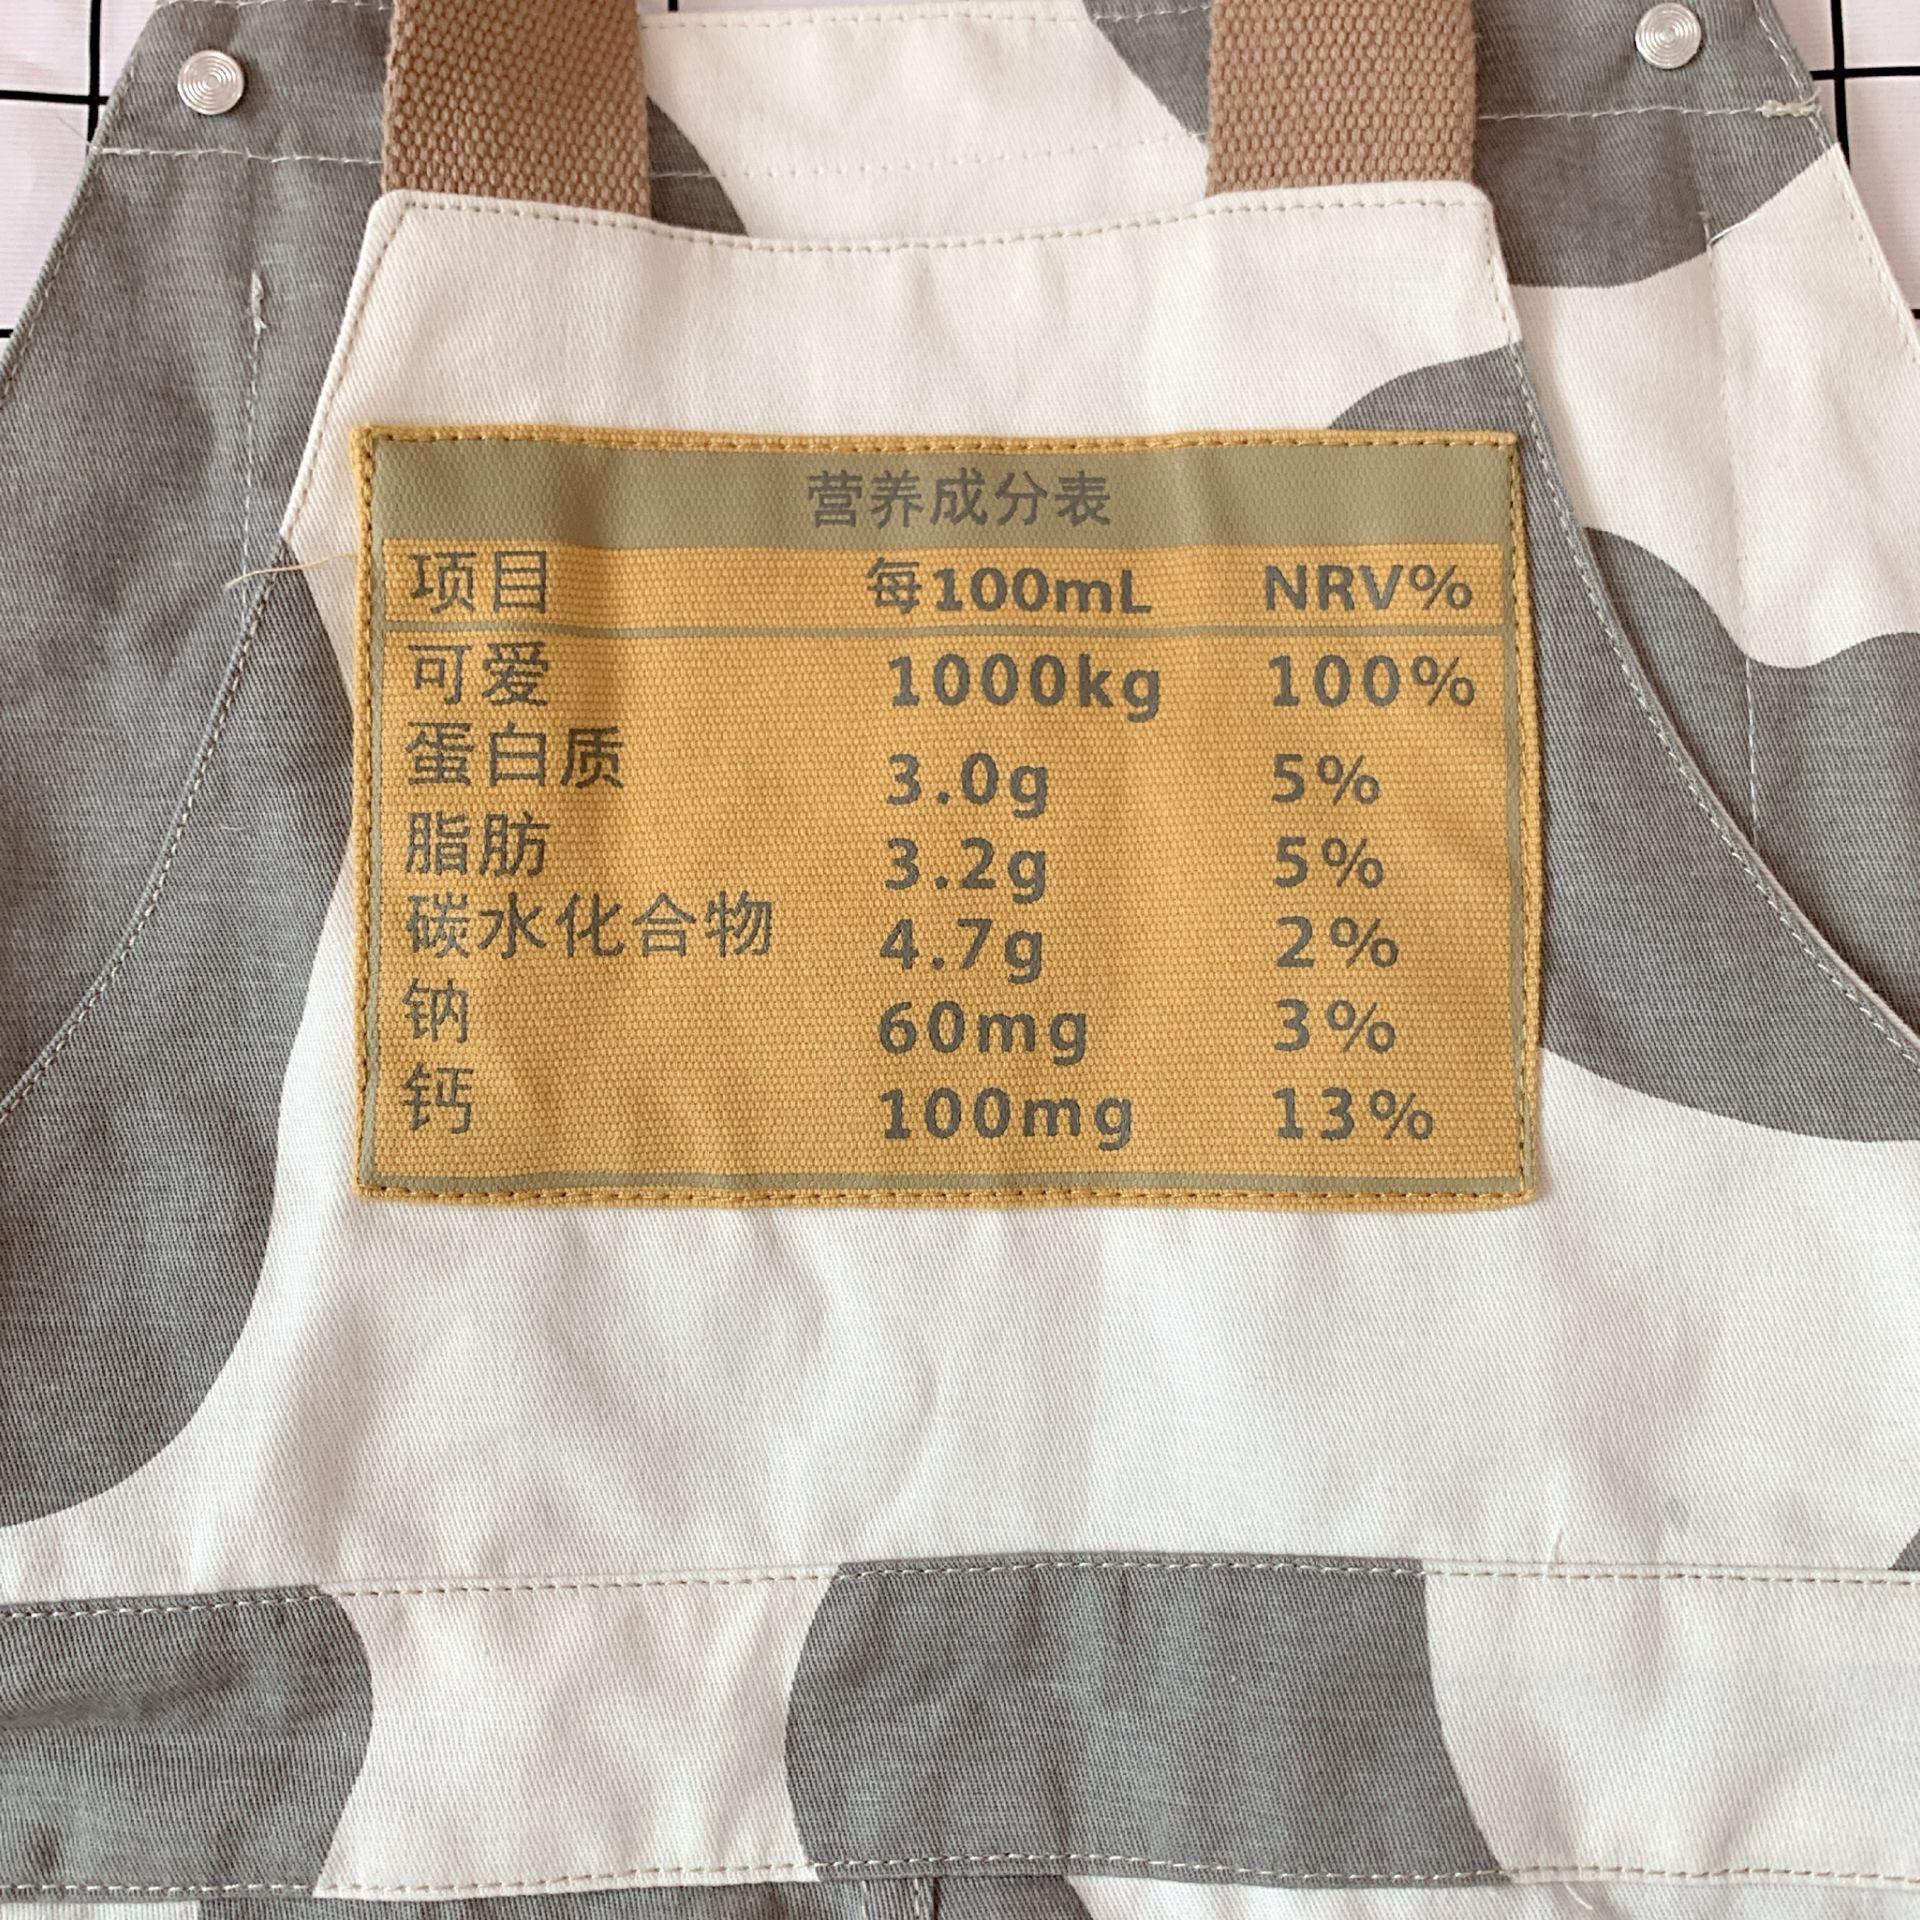 久喜商店 现货 原创可爱白色奶牛背带短裤女宽松阔腿【图3】